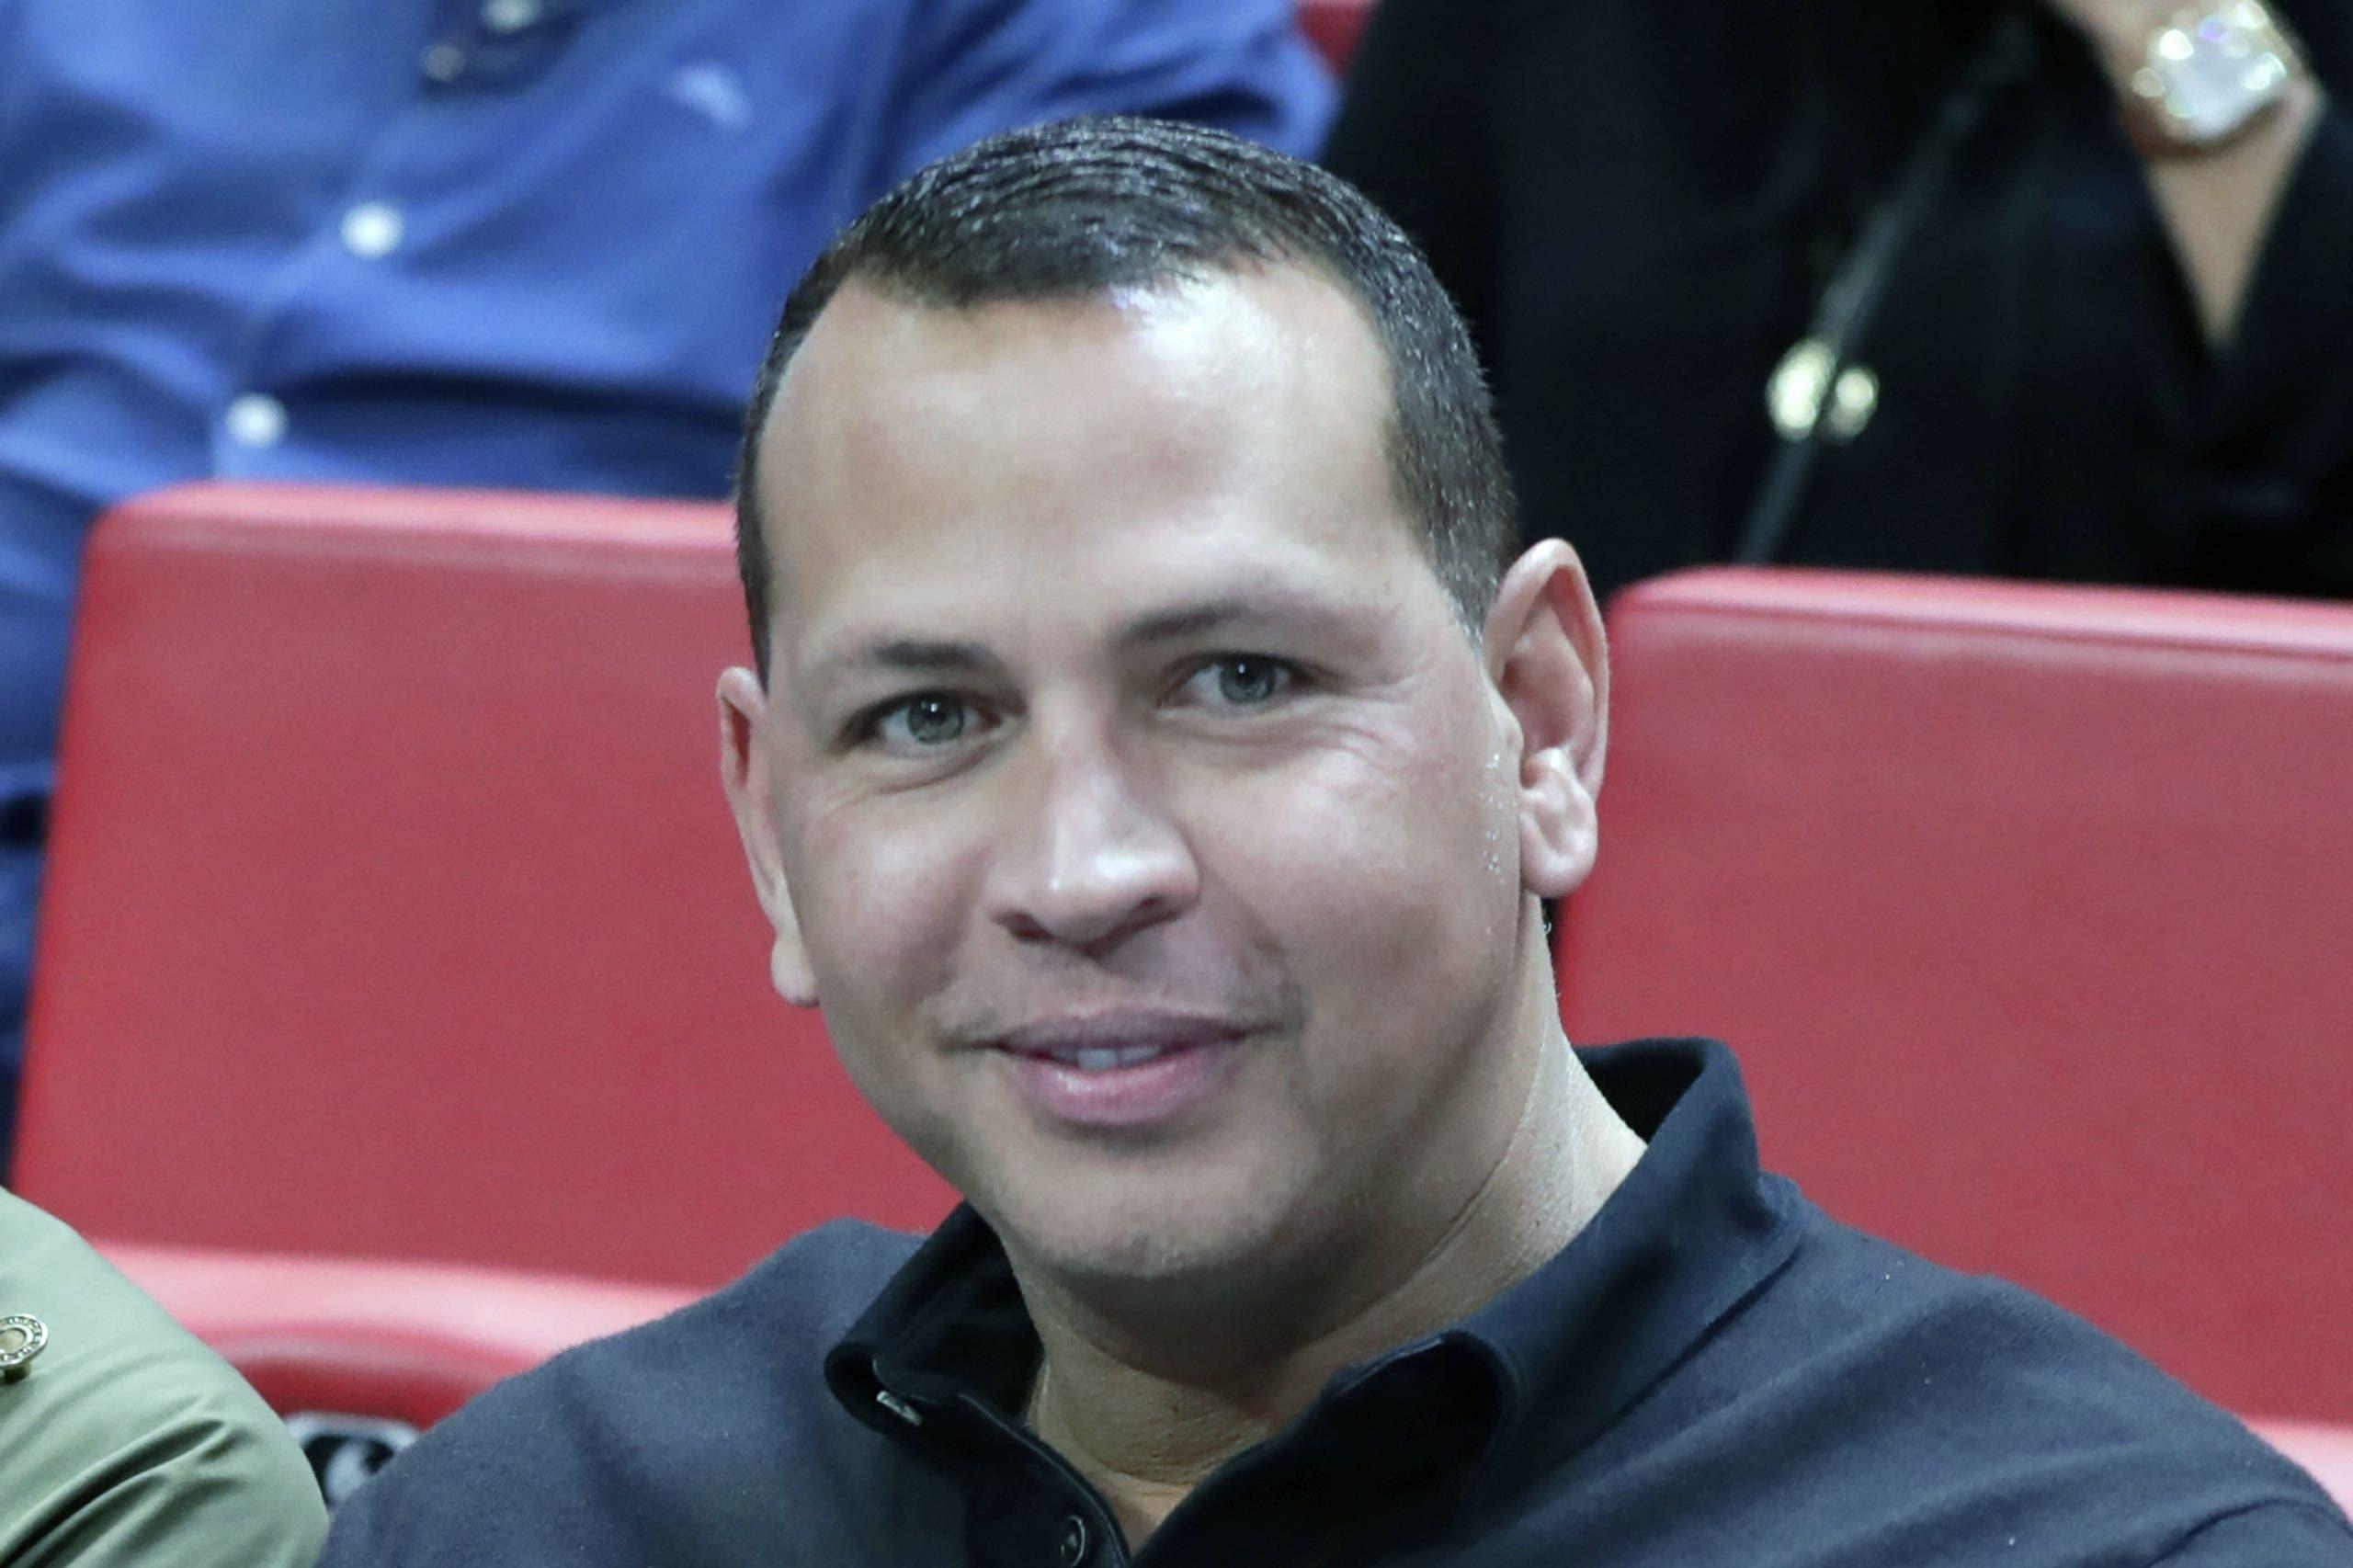 Dueño de Timberwolves acepta oferta de compra por Alex Rodríguez y Marc Lore